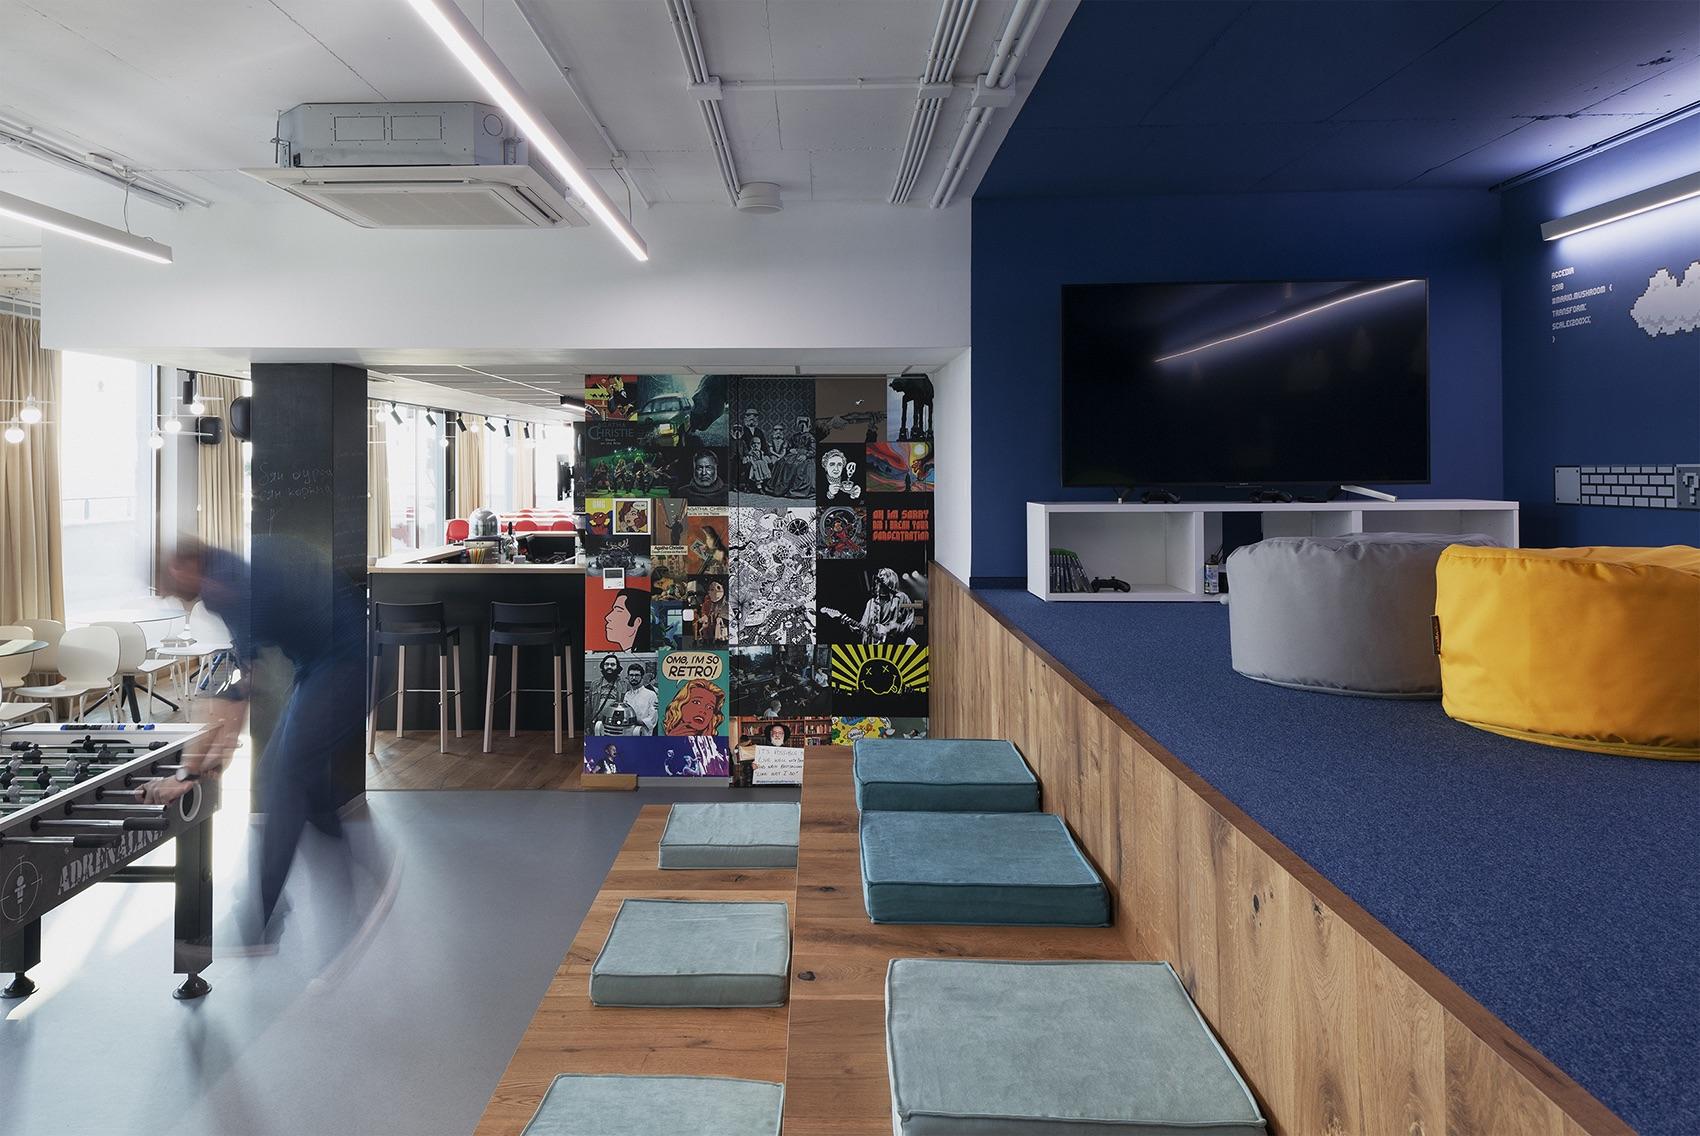 cache-atelier-interior-design-office-space-accedia-bulgaria-sofia_23